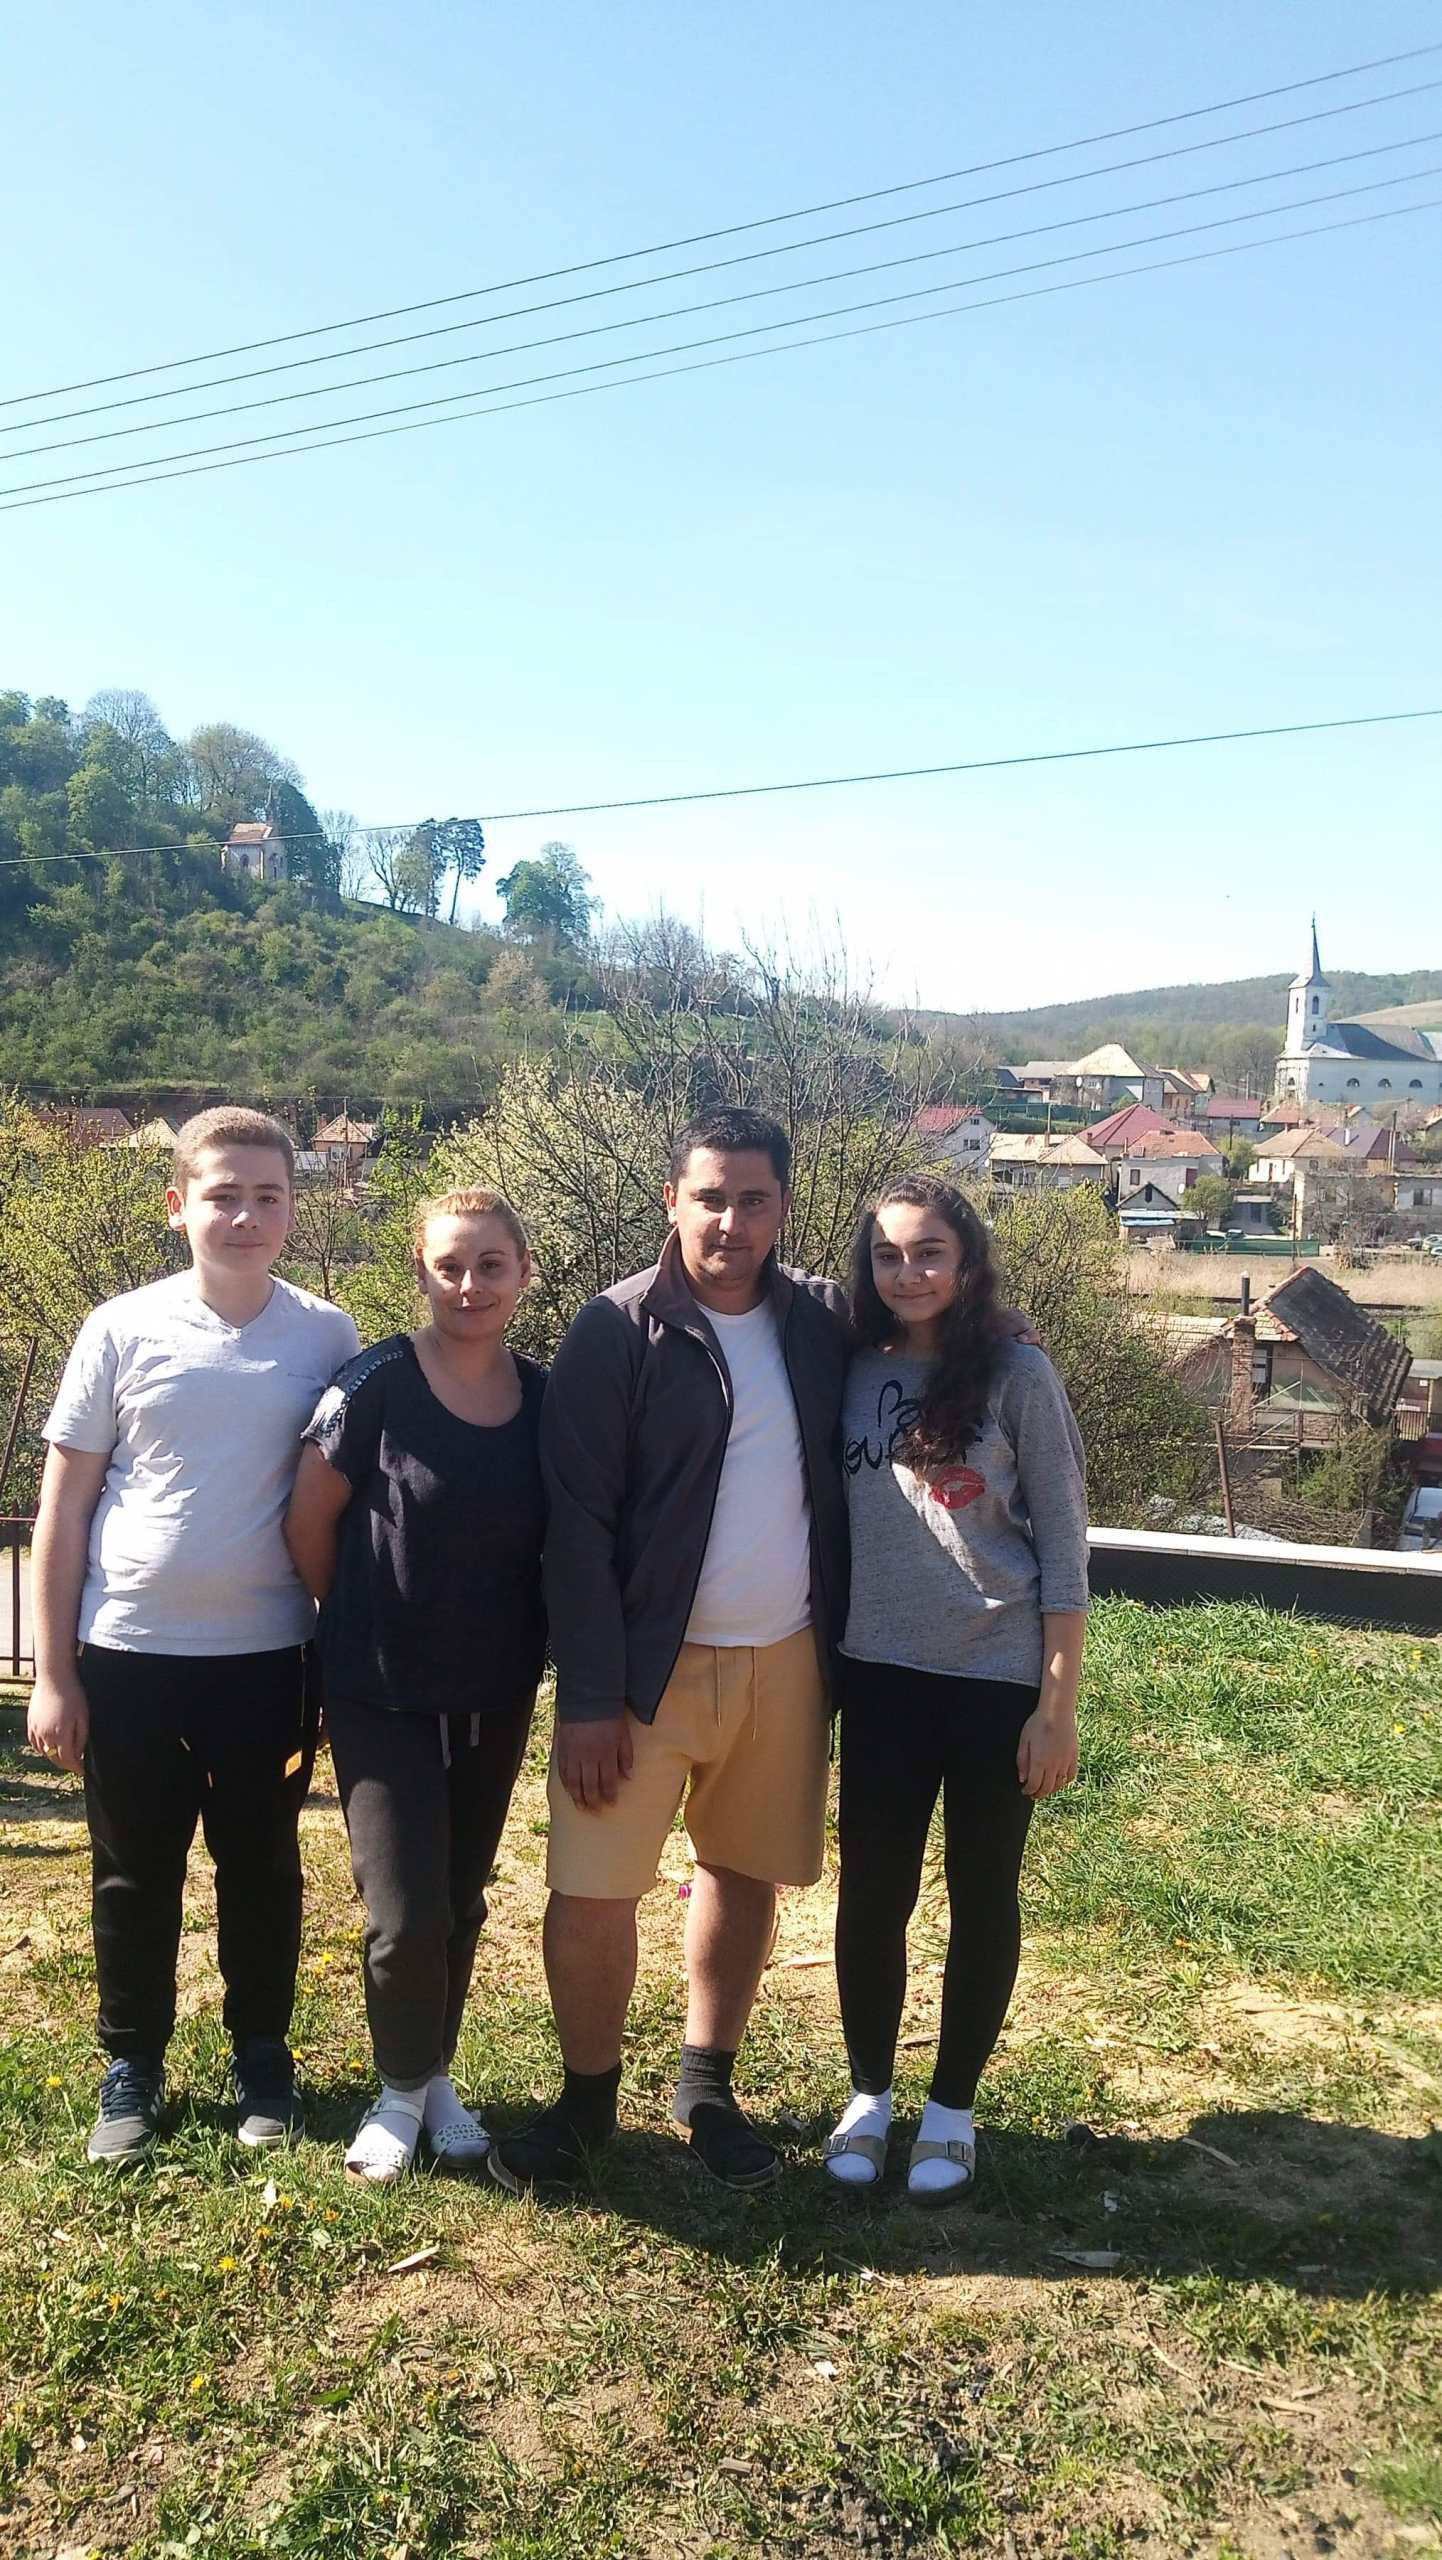 Ladislav mit Frau und mit Sohn und Tochter im Teenager-Alter auf einer Wiese